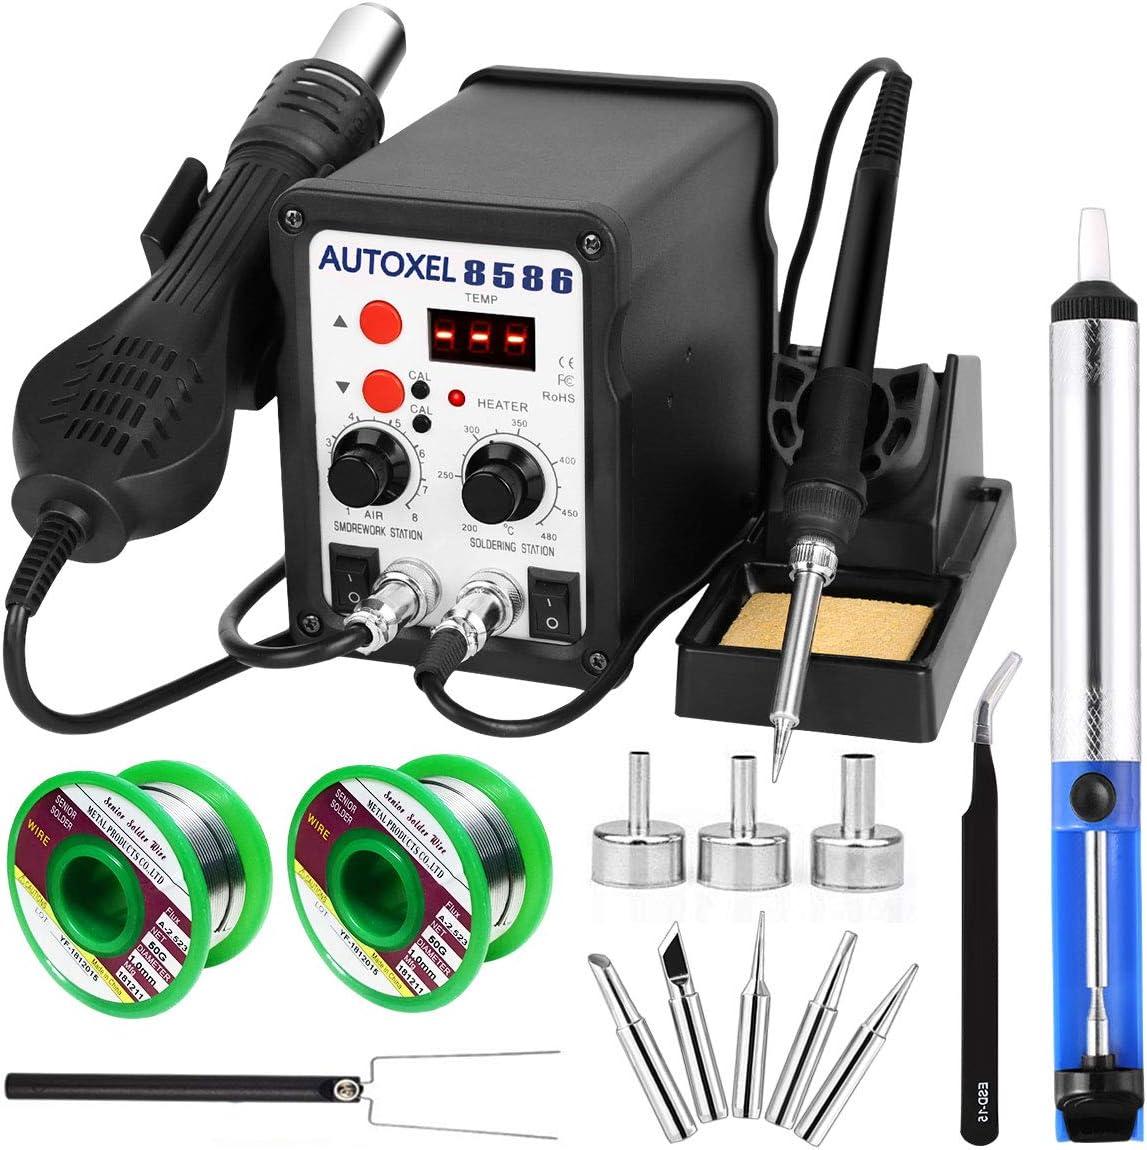 Hot Air Rework Station Kit with Digital Display SMD Desoldering Rework Station f